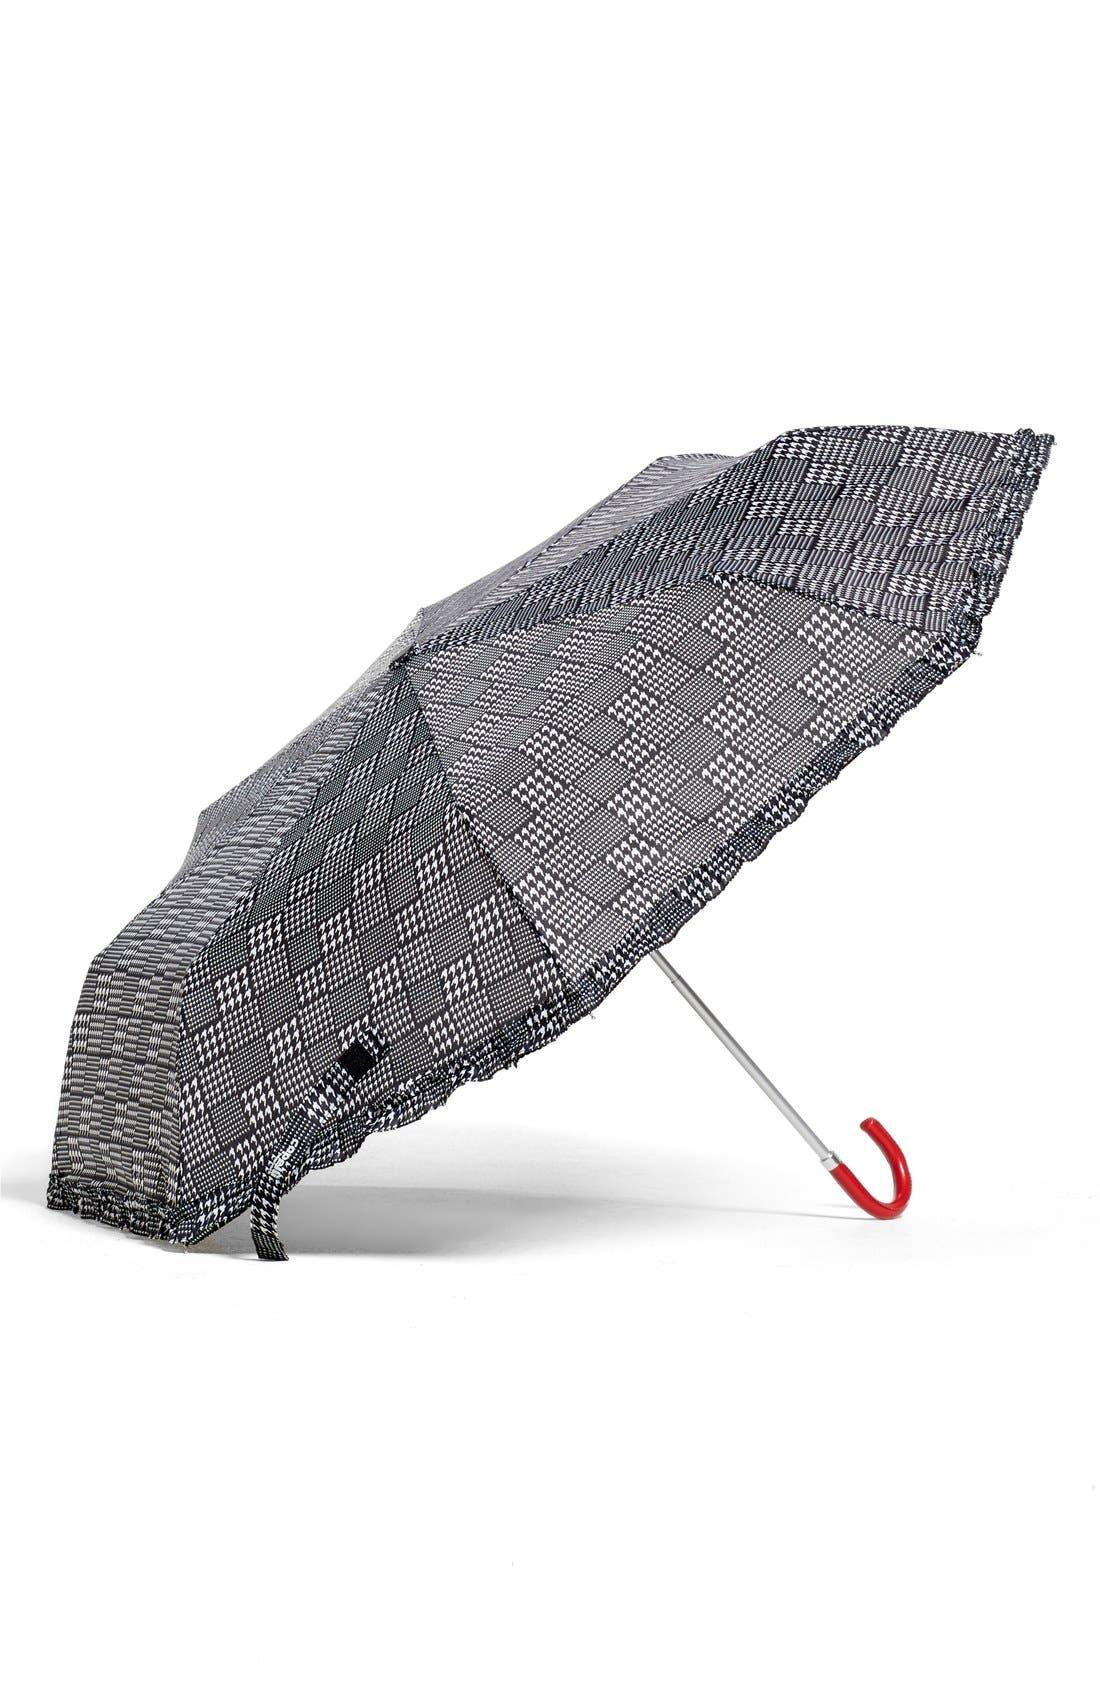 Capelli of New York Plaid Umbrella,                         Main,                         color, White Combo